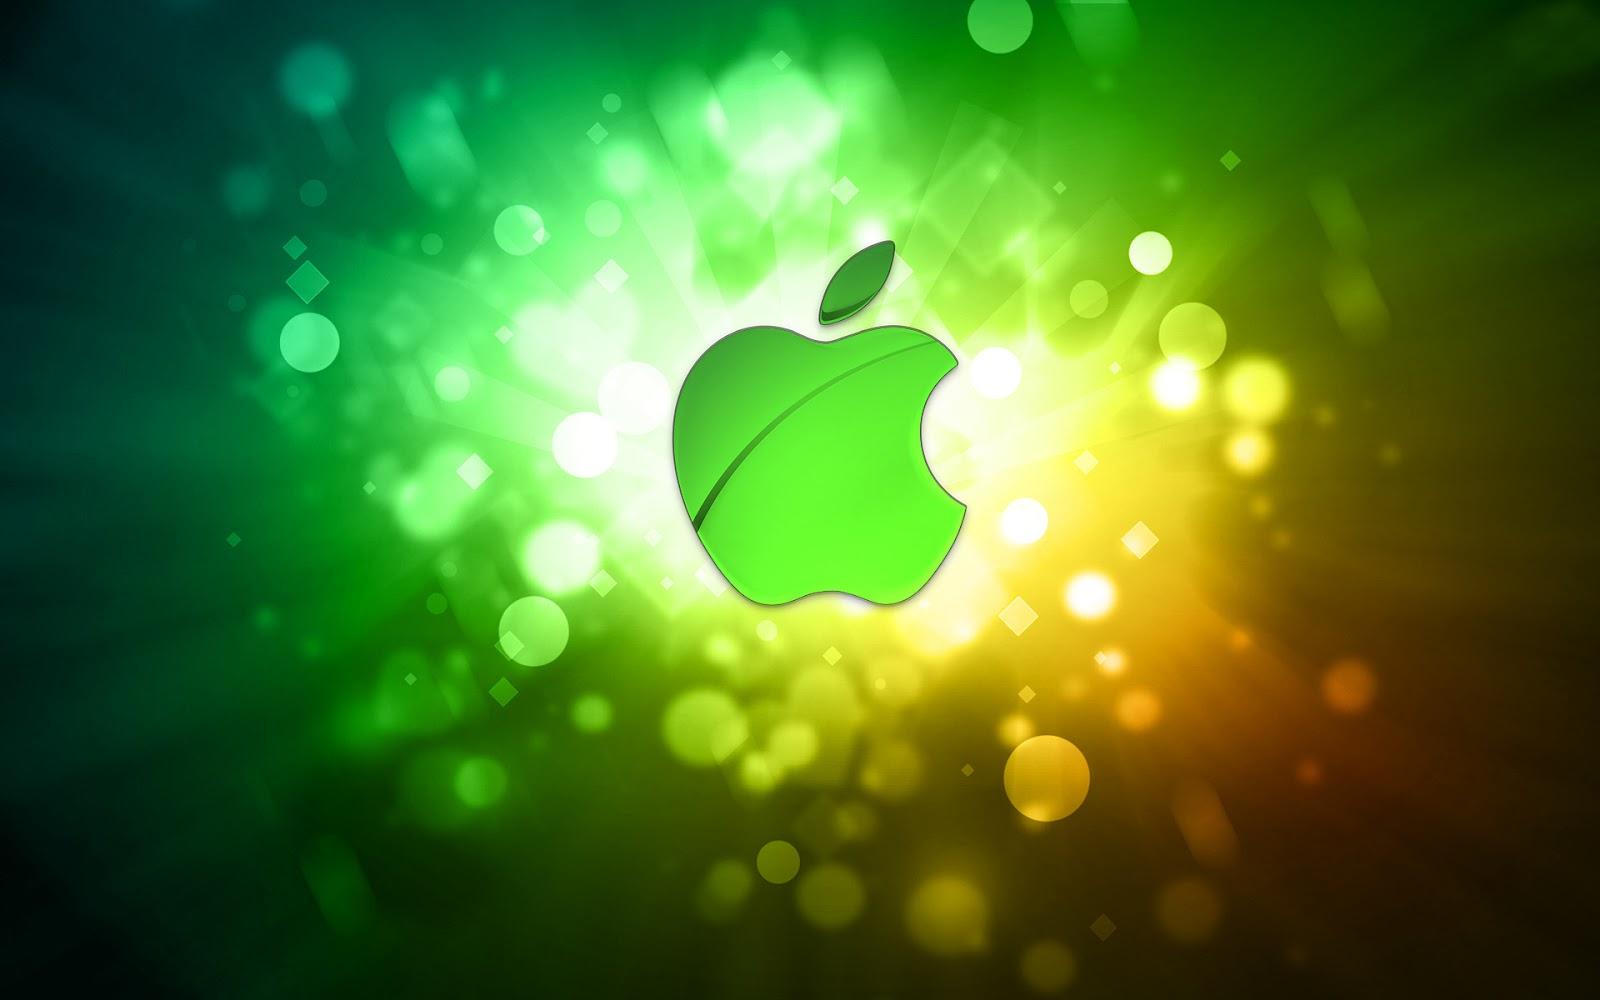 HD Apple wallpapers | Mooie Leuke Achtergronden Voor Je Bureaublad (PC, Laptop, Tablet)